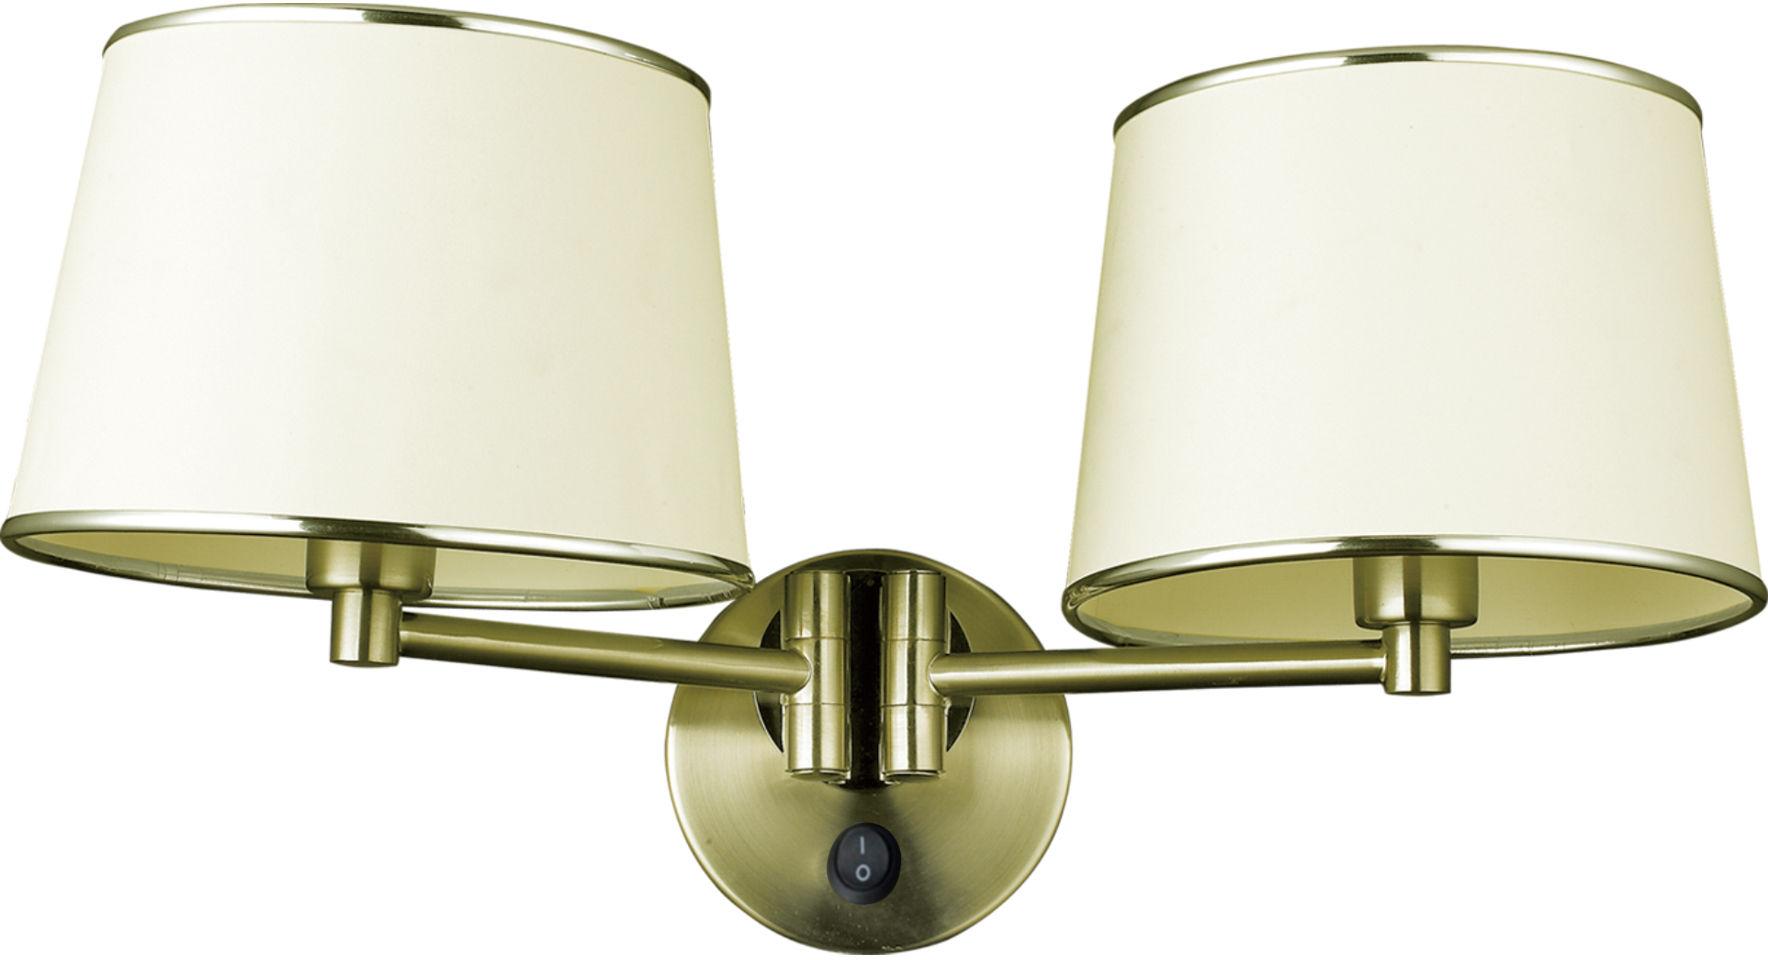 Candellux IBIS 22-01309 kinkiet lampa ścienna abażur 2X40W E14 patyna 48cm